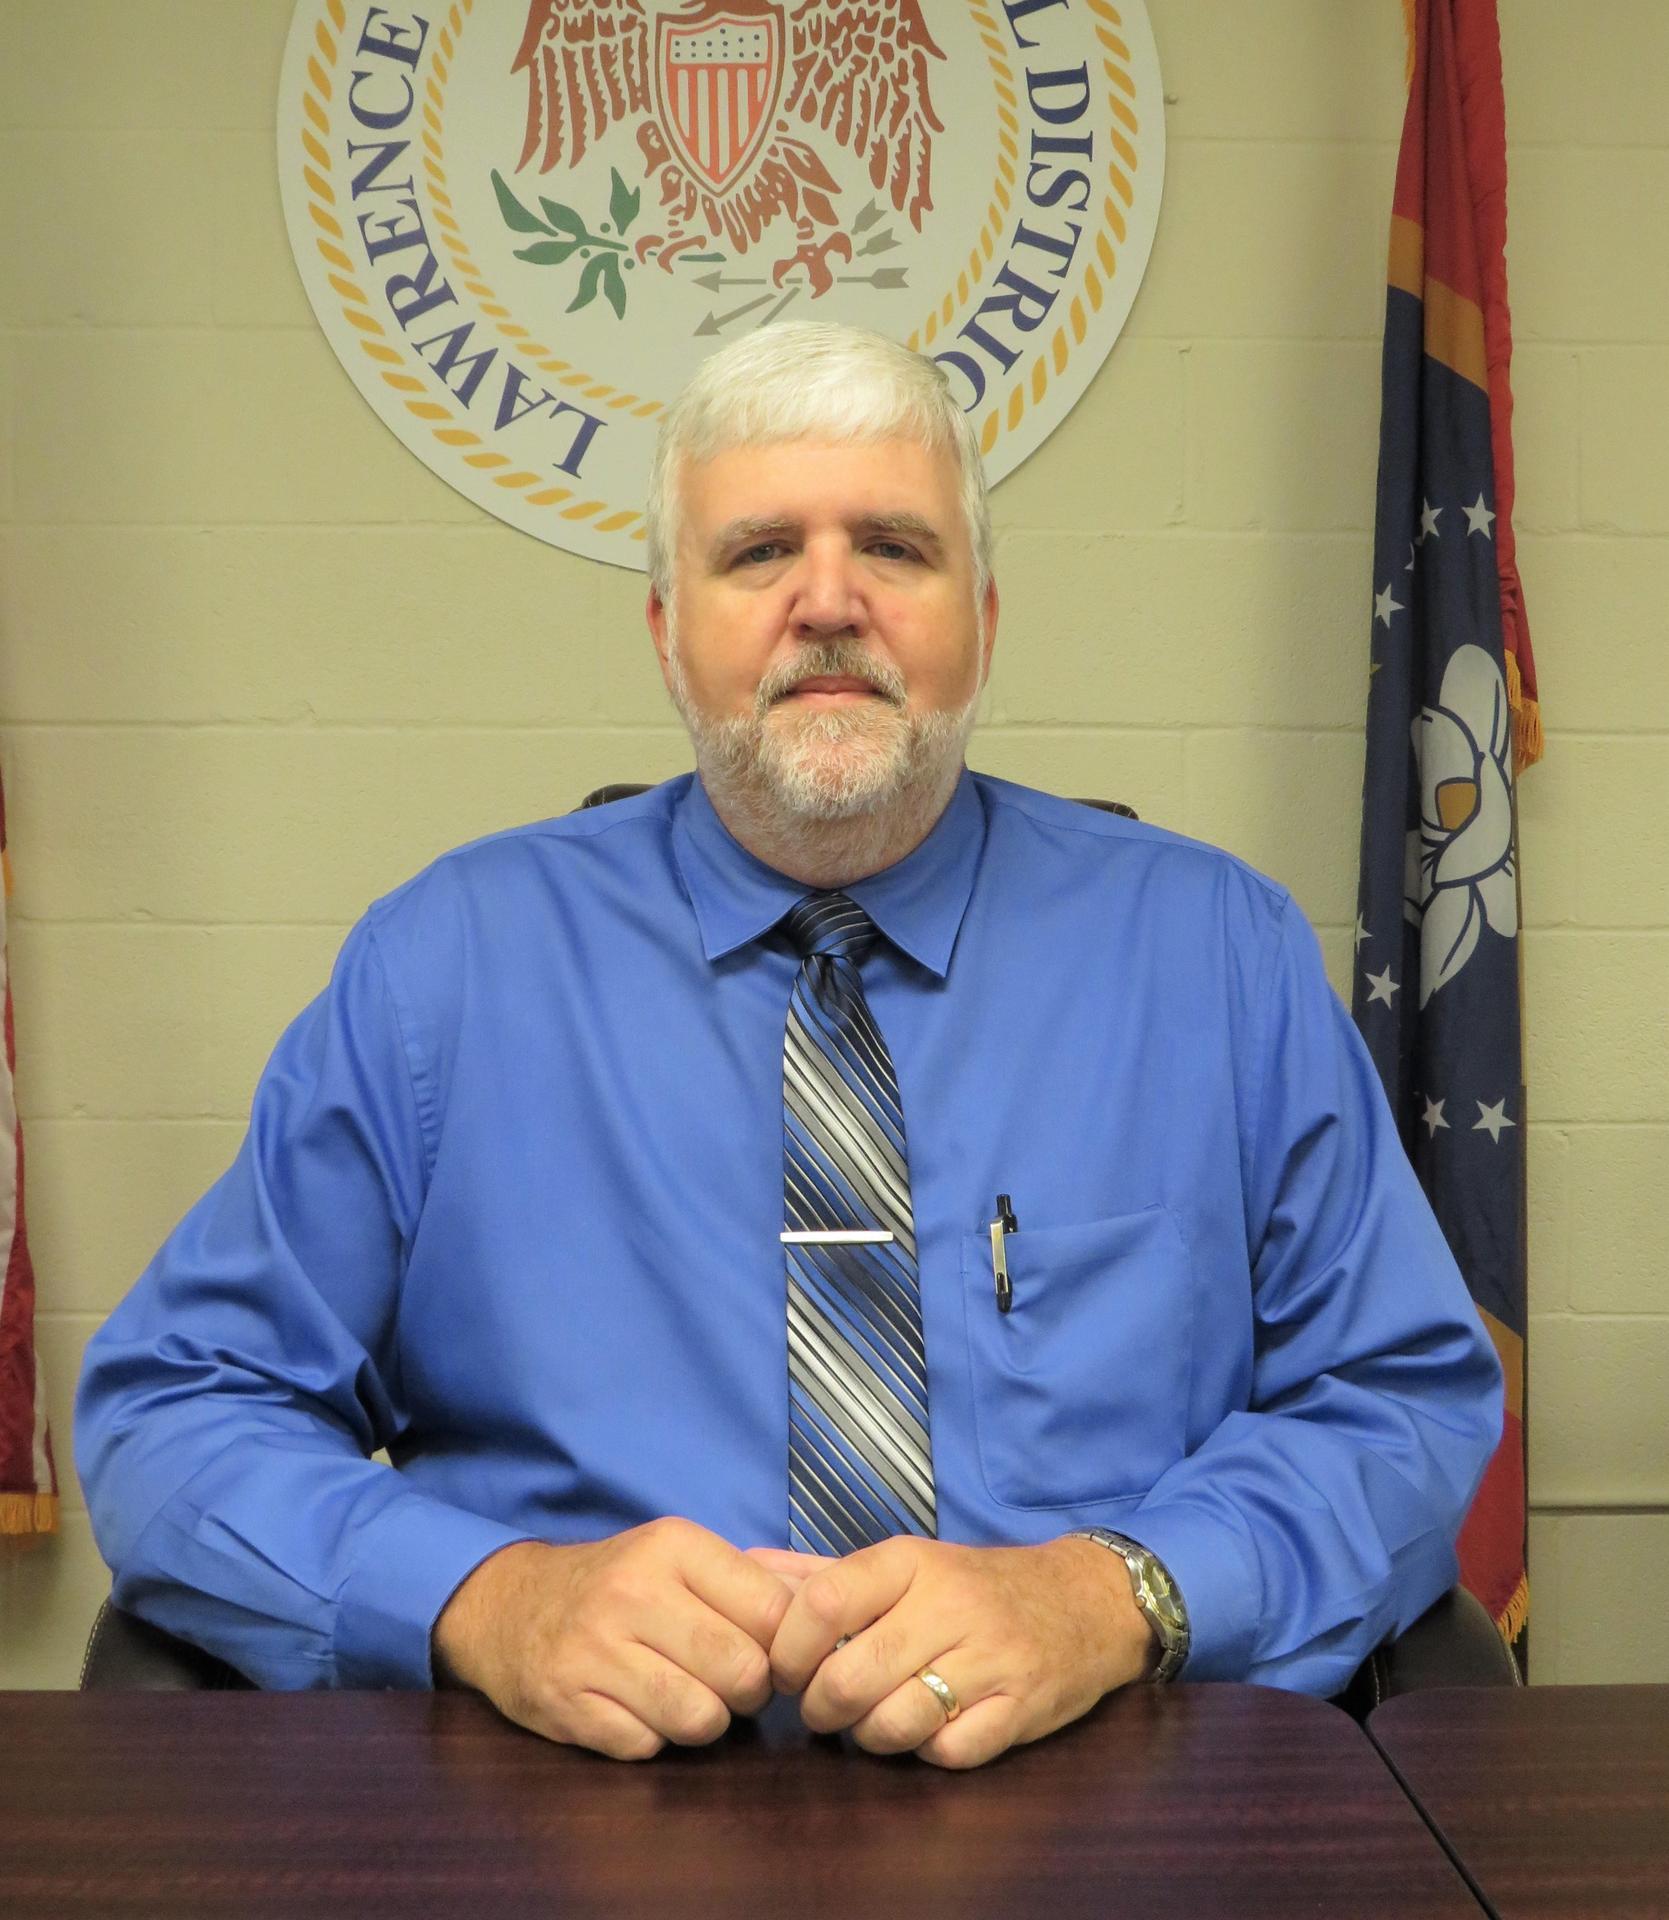 Rusty Rutland, Assistant Superintendent